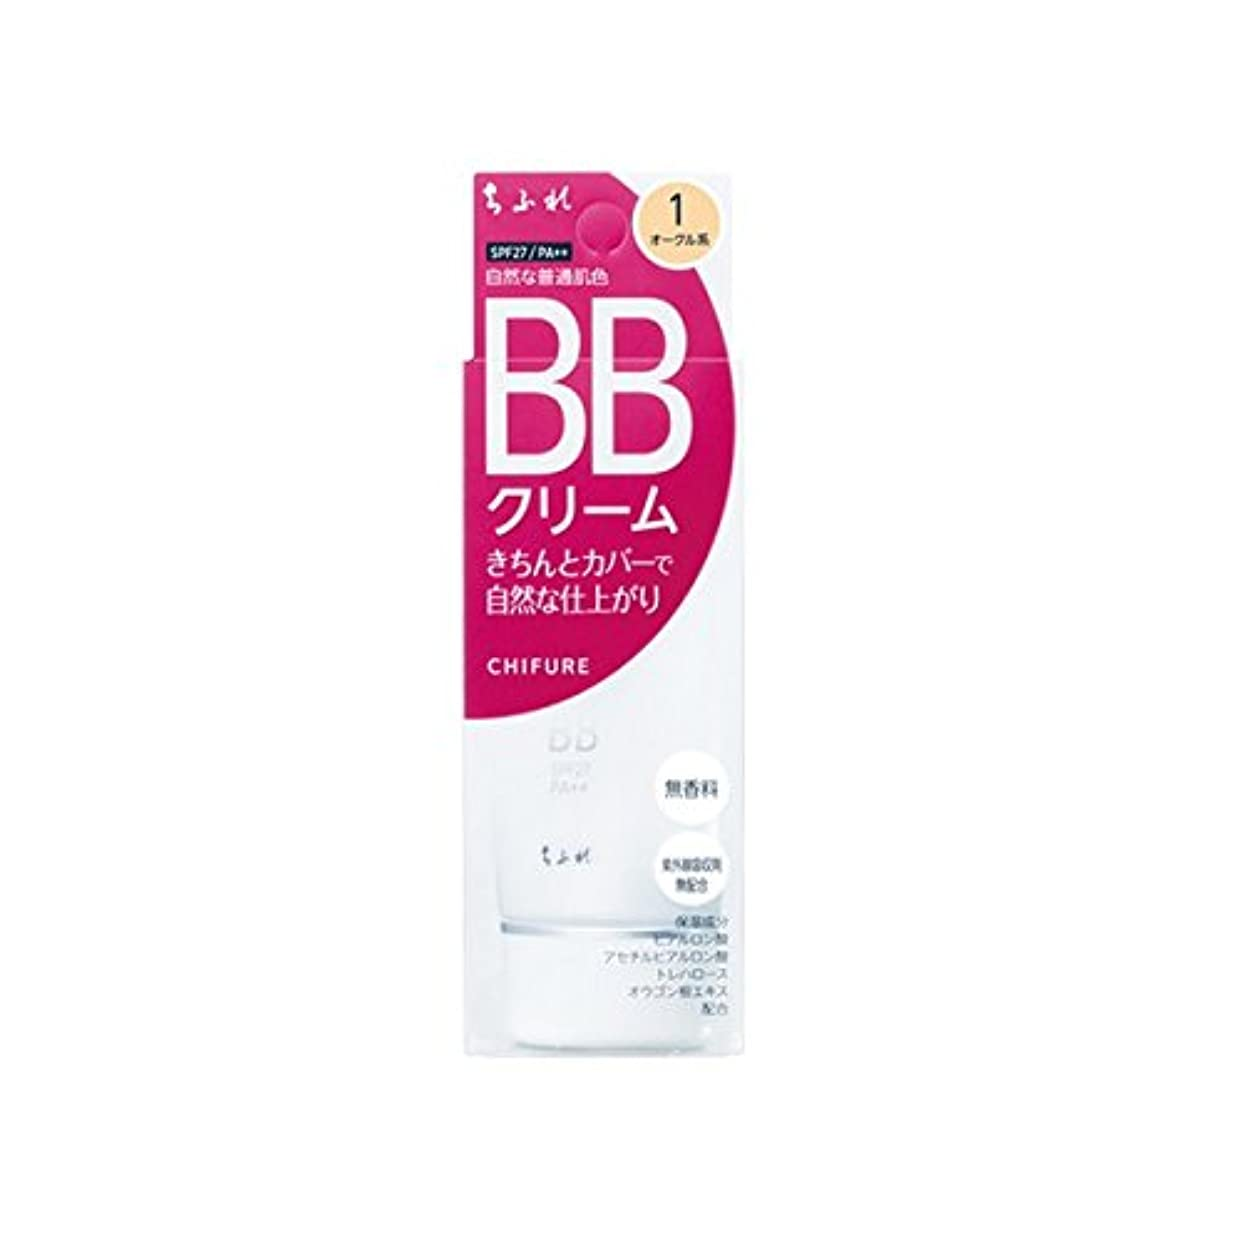 死傷者平衡除外するちふれ化粧品 BB クリーム 1 自然な普通肌色 BBクリーム 1